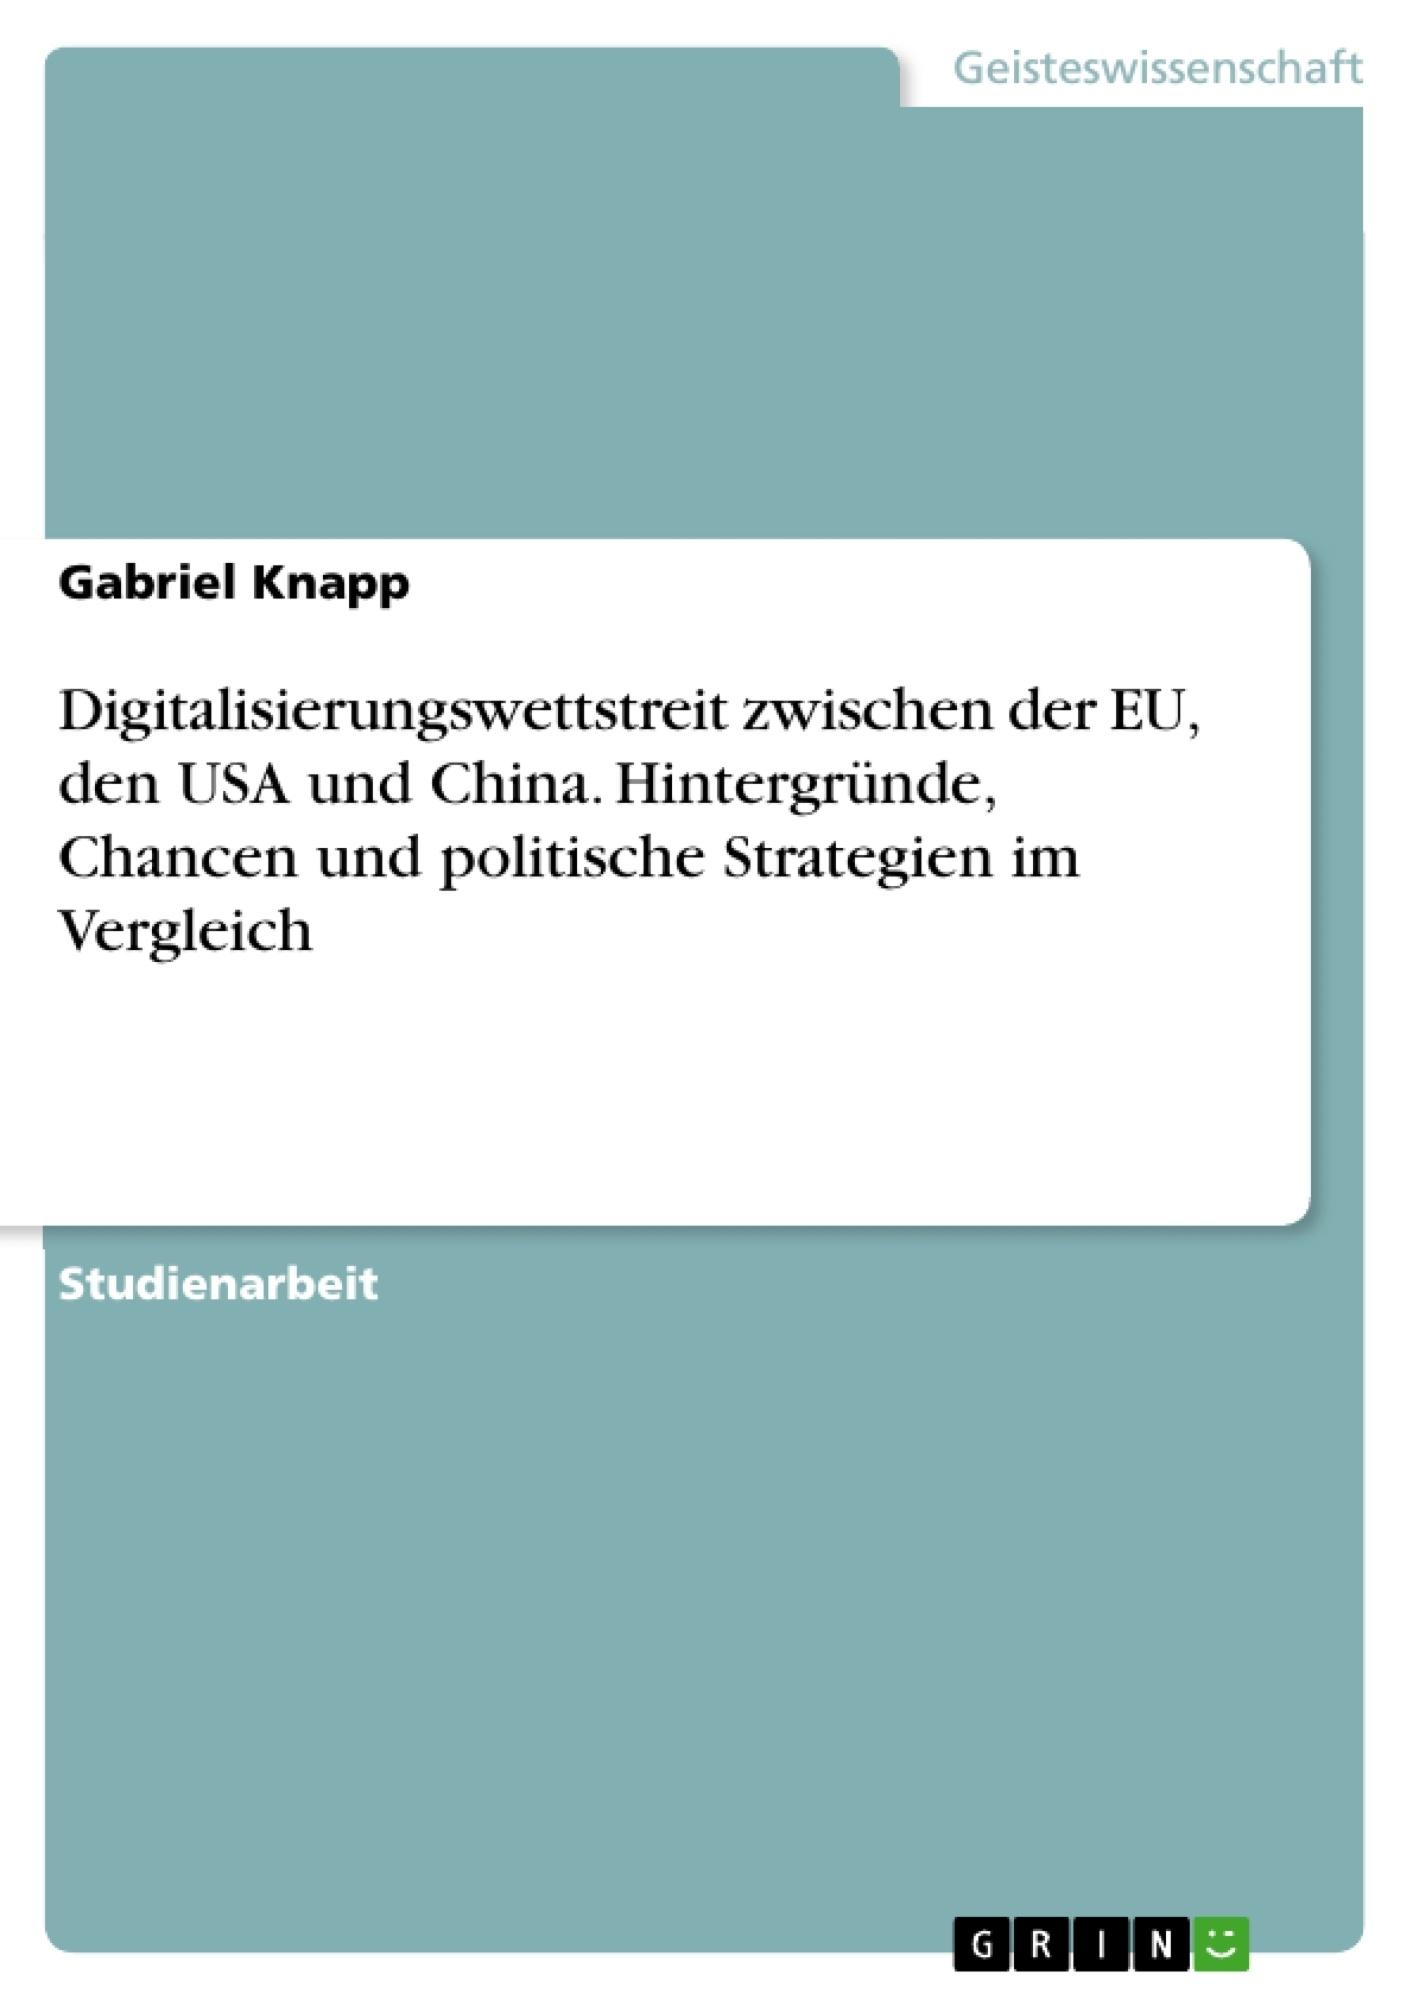 Titel: Digitalisierungswettstreit zwischen der EU, den USA und China. Hintergründe, Chancen und politische Strategien im Vergleich